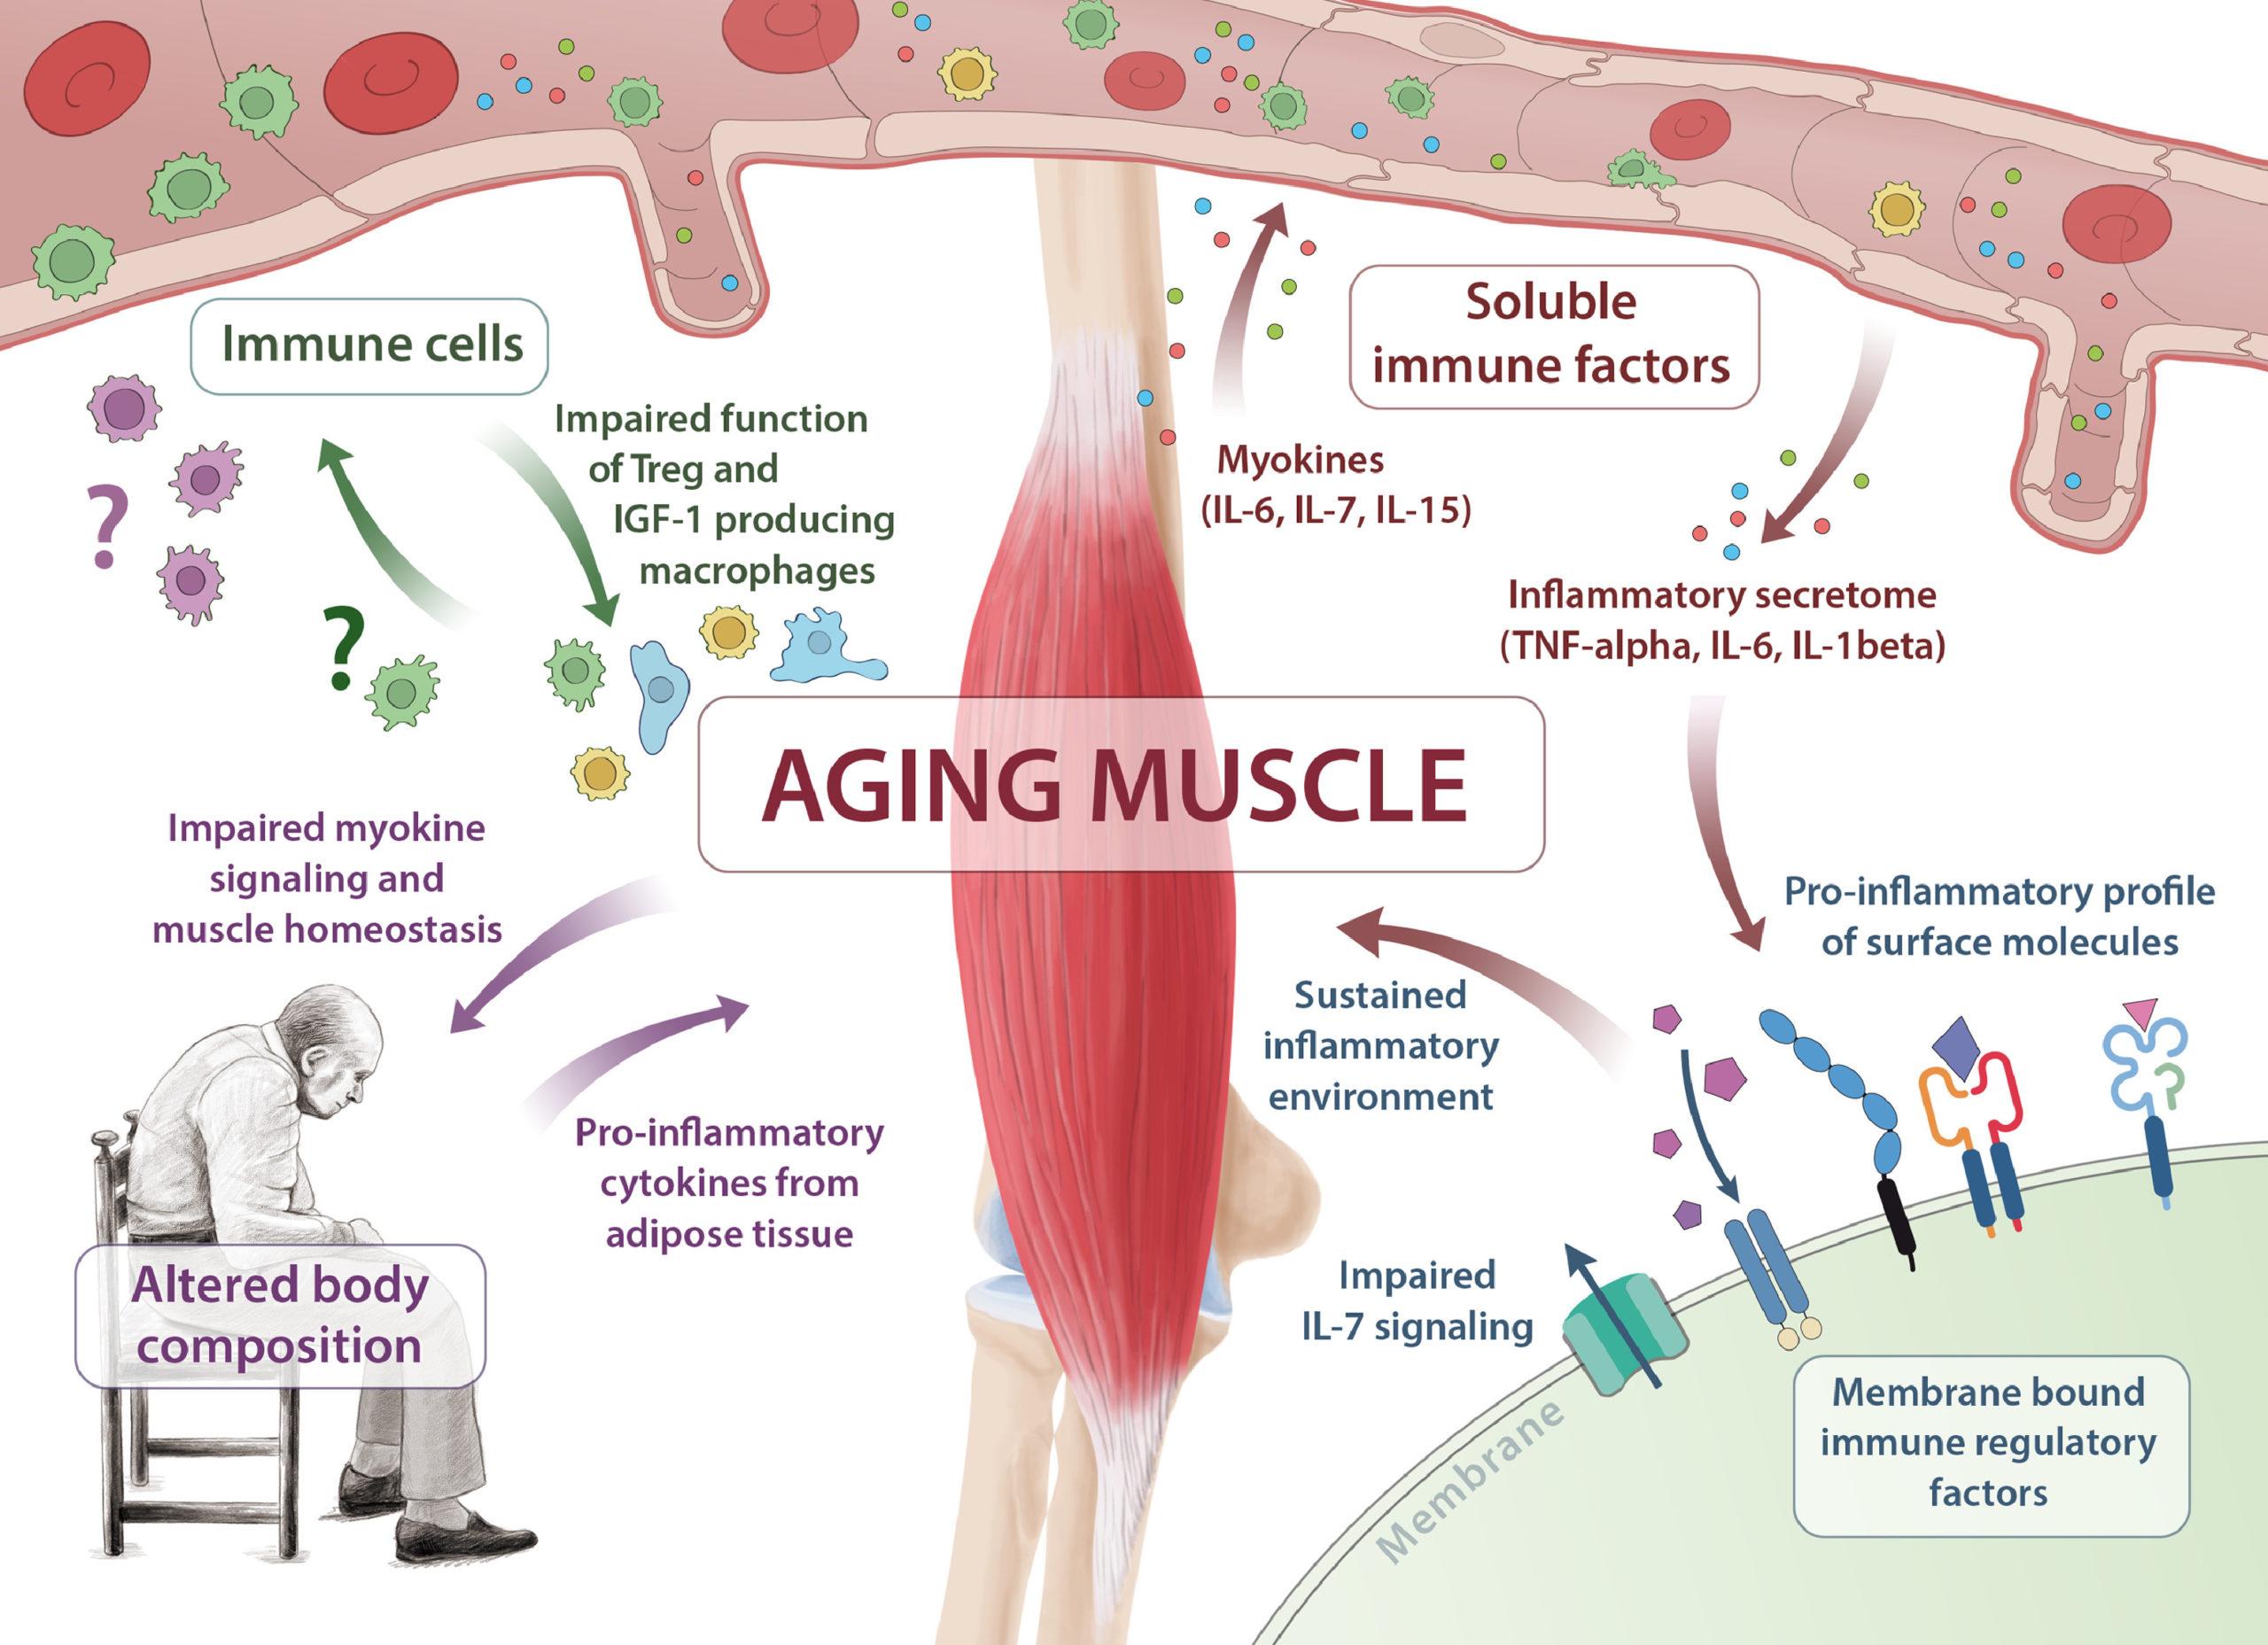 Мышцы помогают сохранить иммунитет при старении